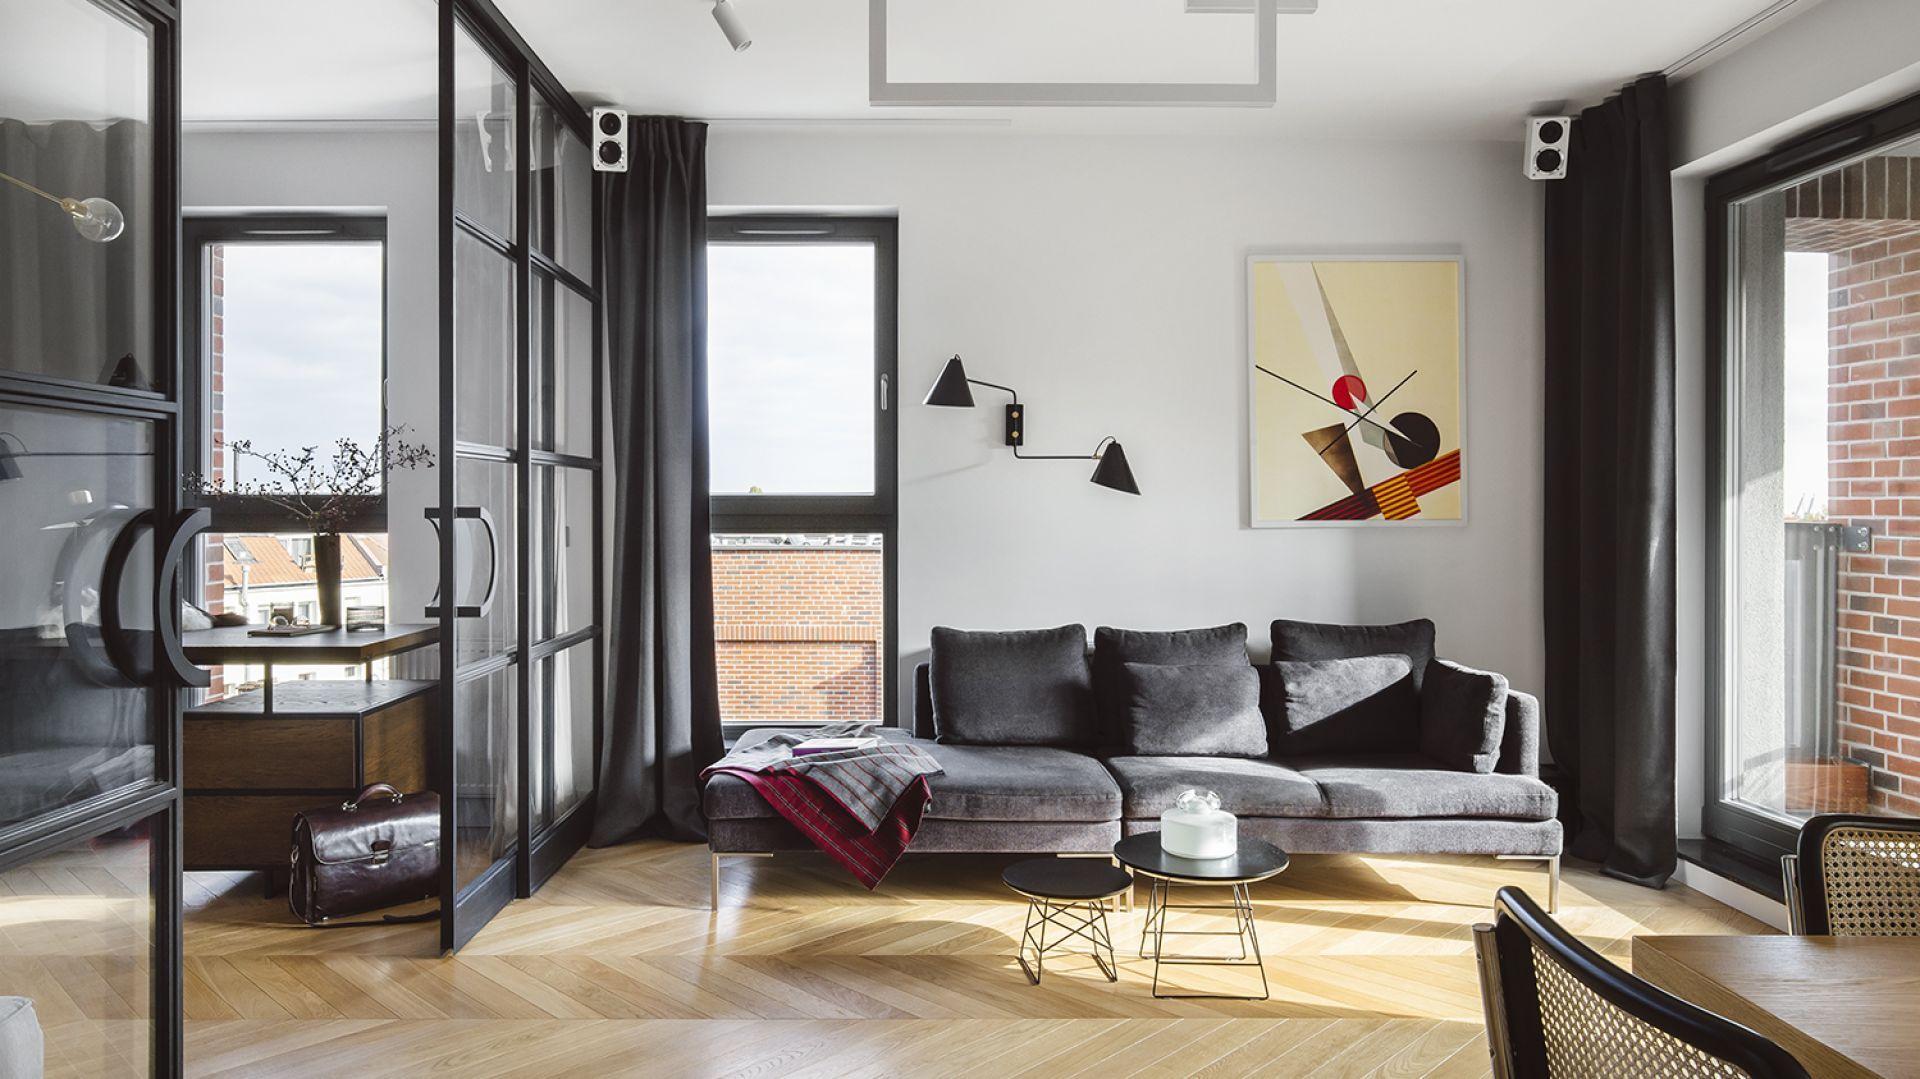 Na tle białej ściany świetnie prezentuje się obraz, jak i dopasowanego niego oświetlenie. Projekt: Magdalena Bielicka, Maria Zrzelska-Pawlak. Fot. Kroniki-Hanna Połczyńska